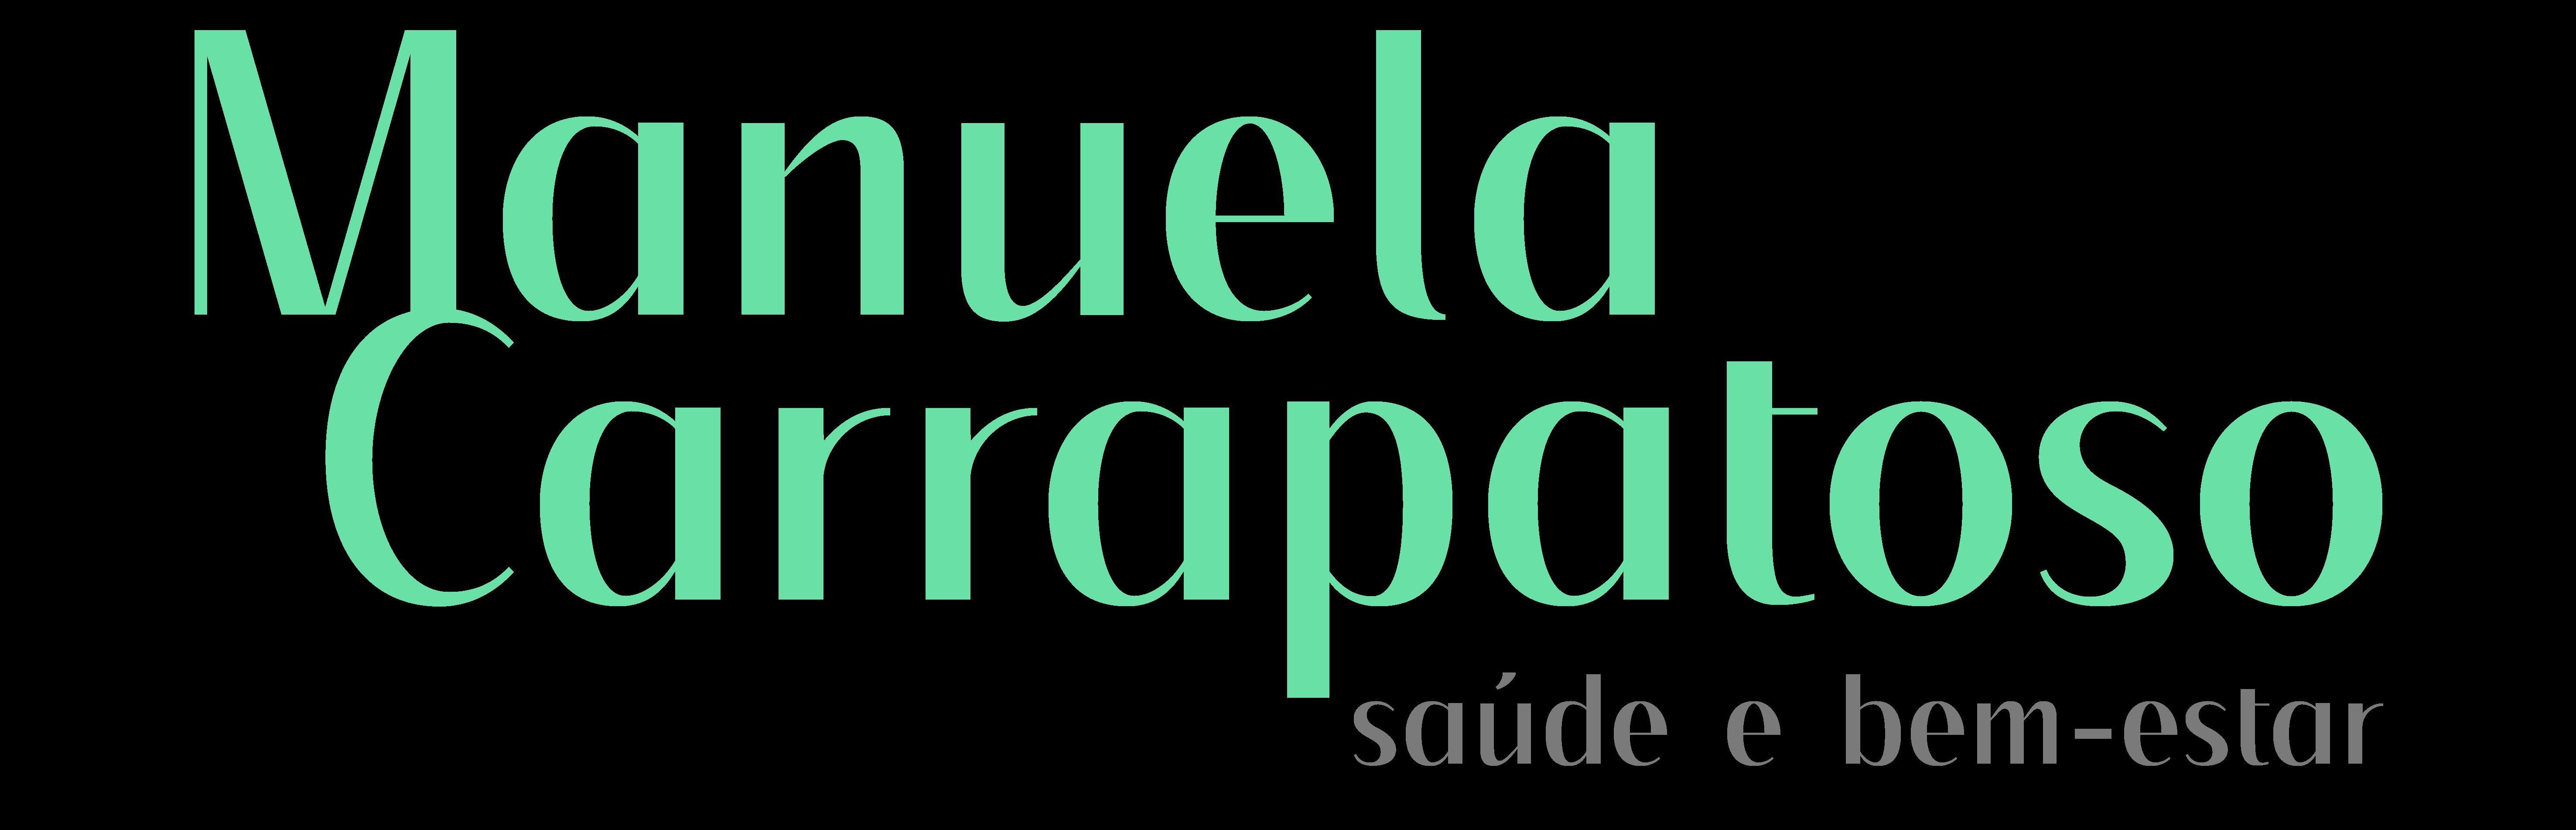 Clínica Manuela Carrapatoso